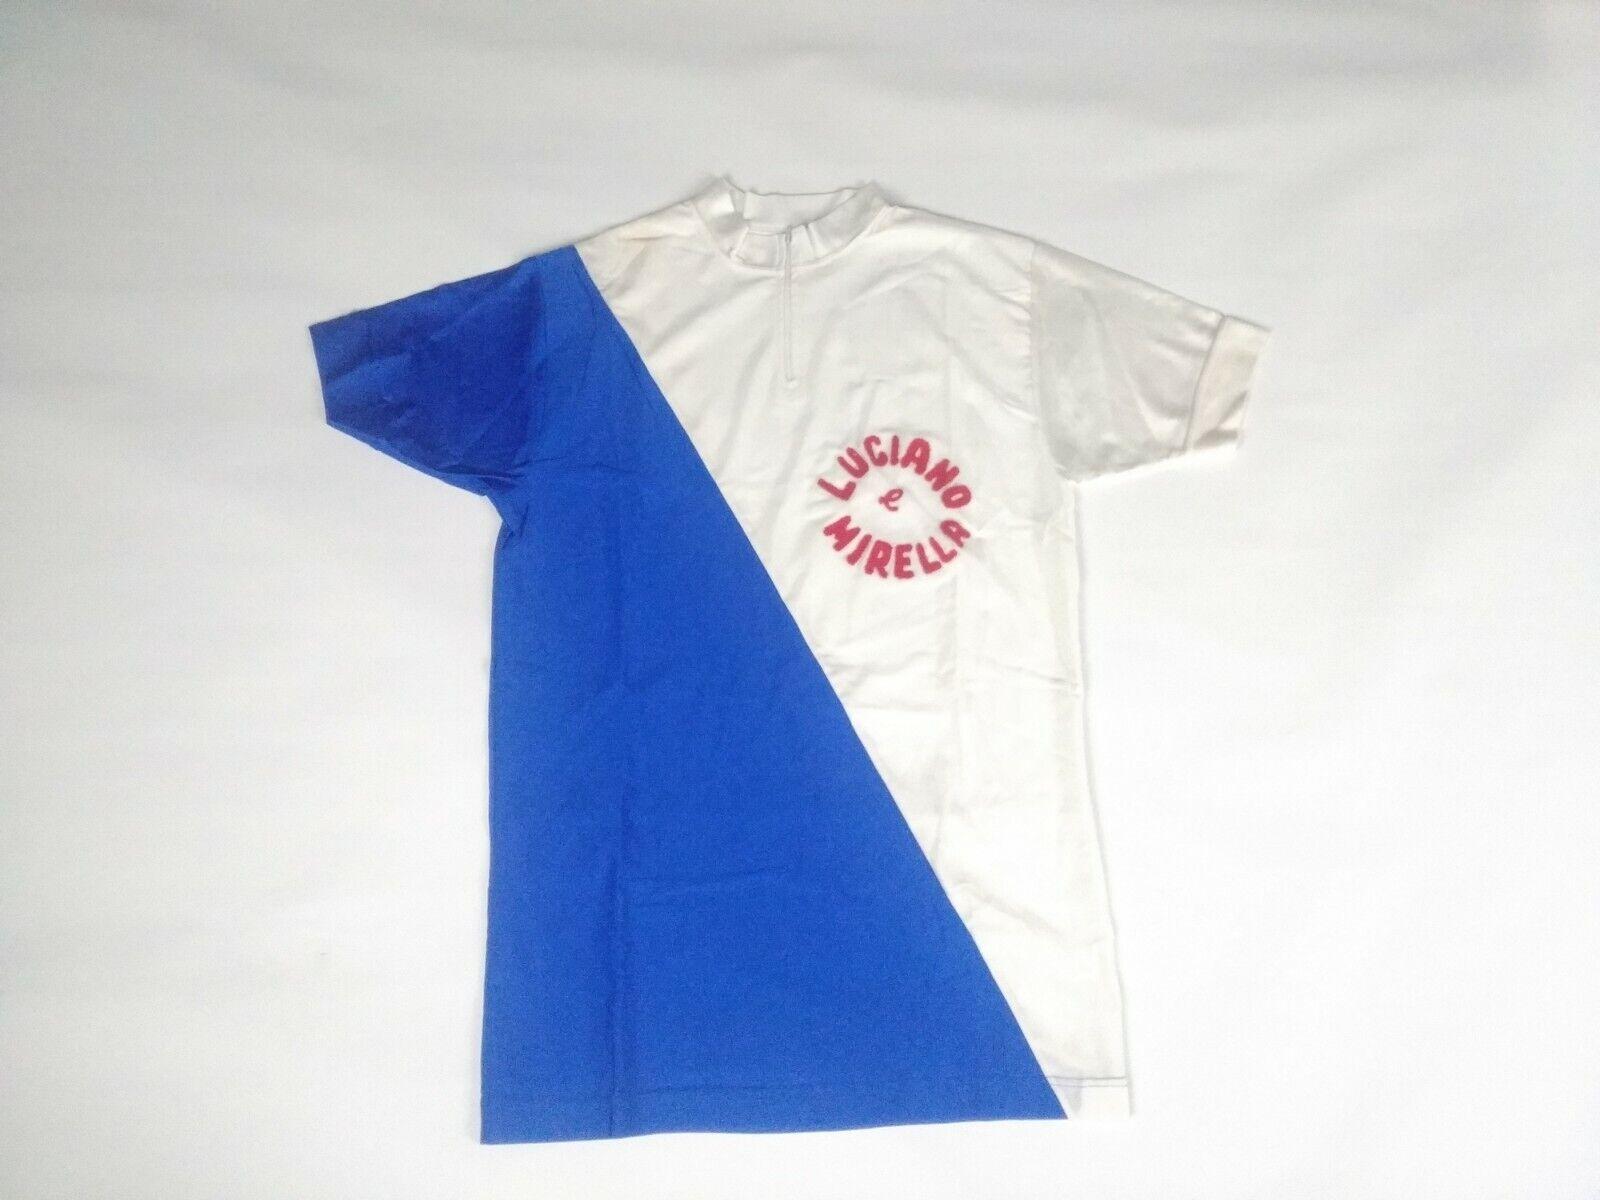 Vintage NOS Radfahren maglia jersey maillot lana Fahrrad bici Luciano e Mirella 4 L